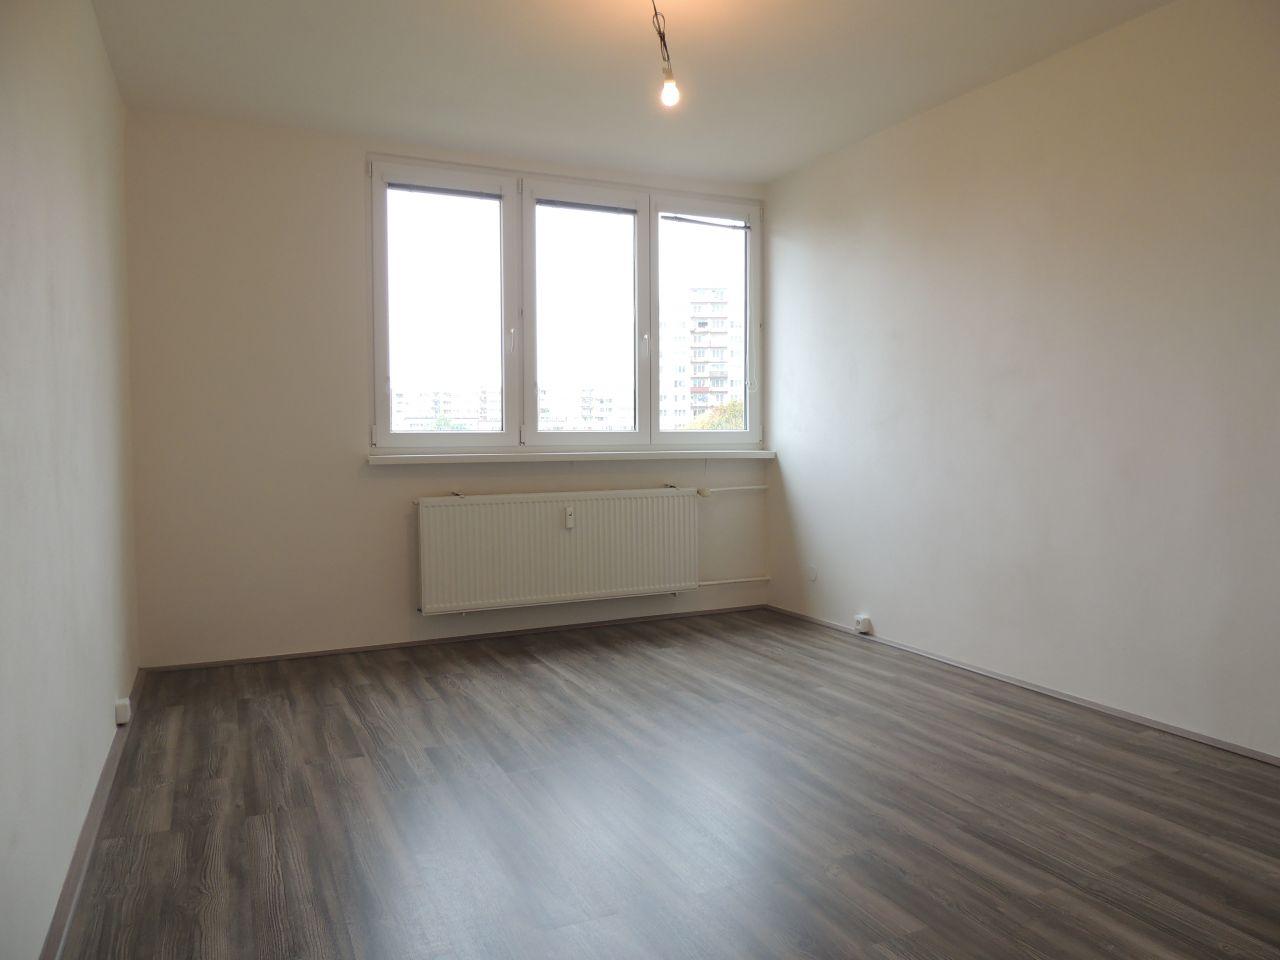 Pronájem bytu 1+1 37 m2, ul. Generála Píky 2918/17, Moravská Ostrava